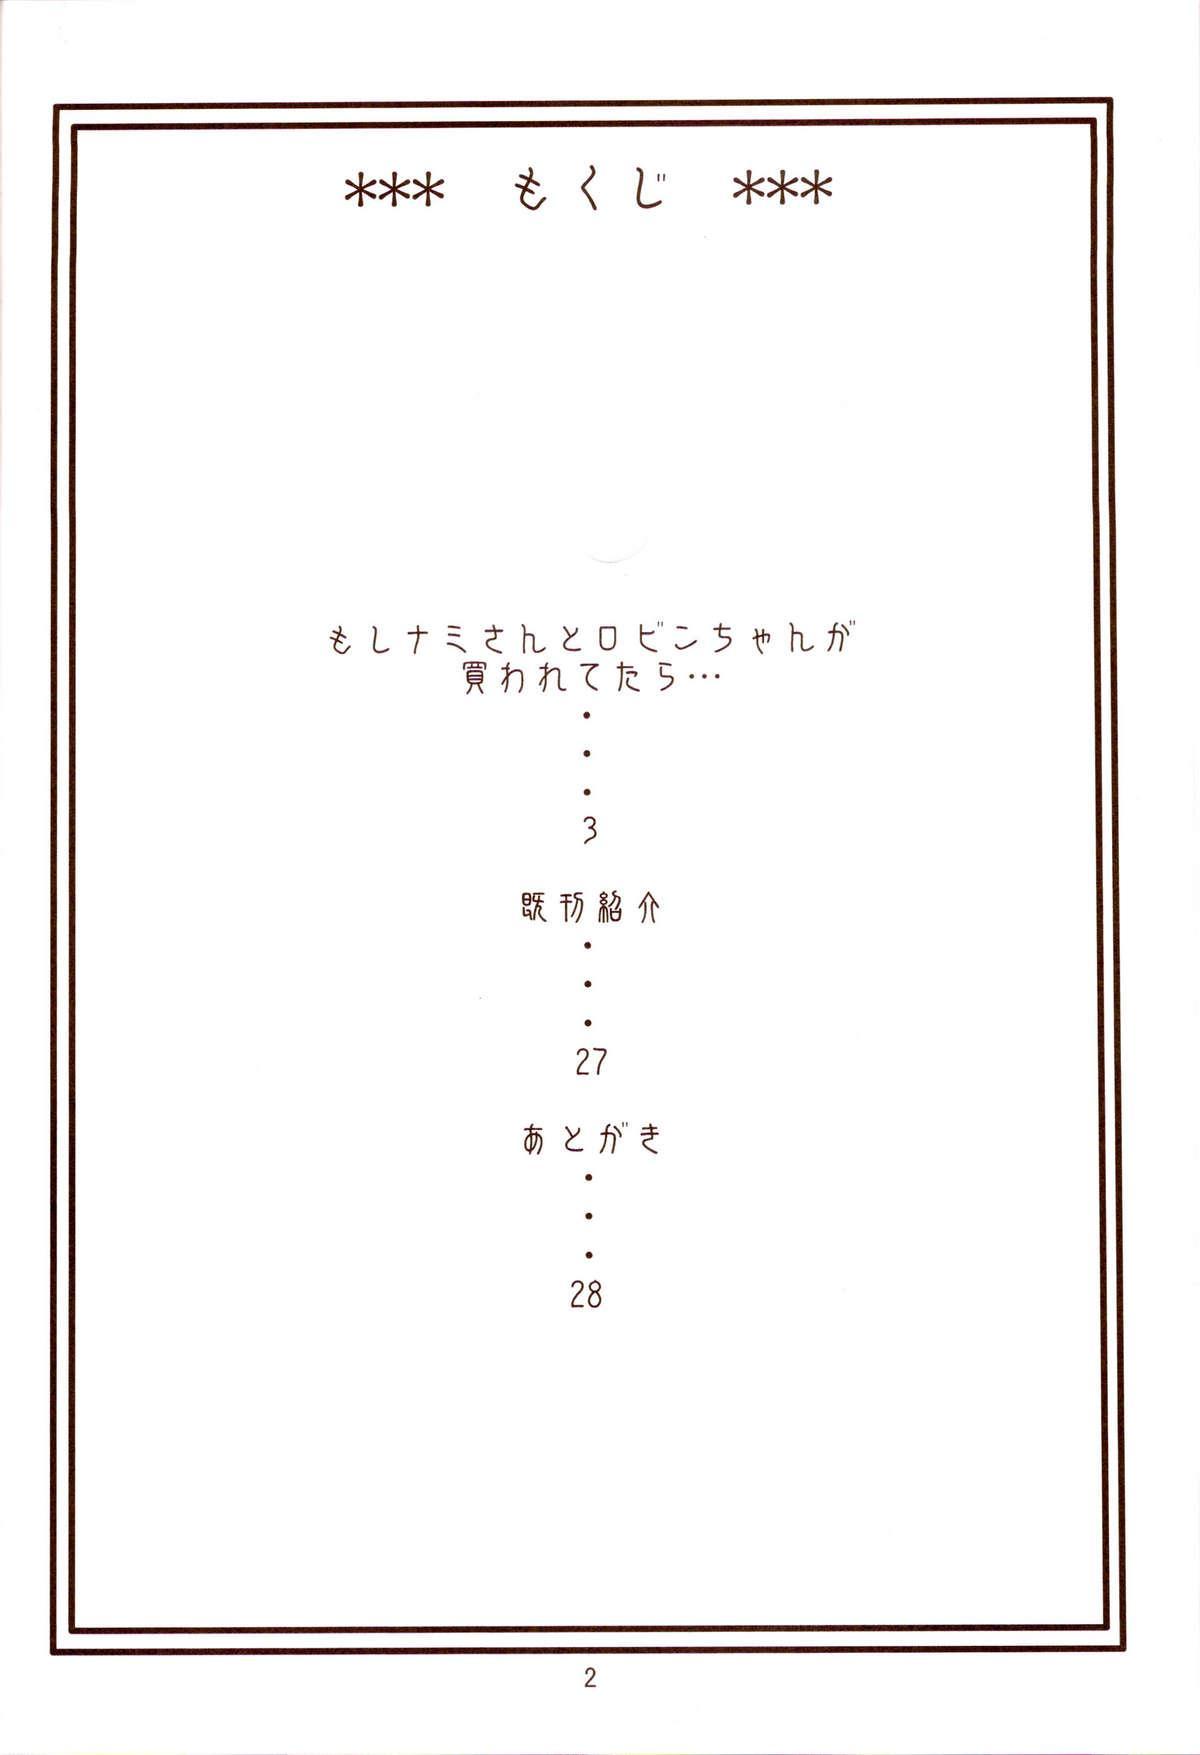 Nami no Koukai Nisshi EX NamiRobi 3 2